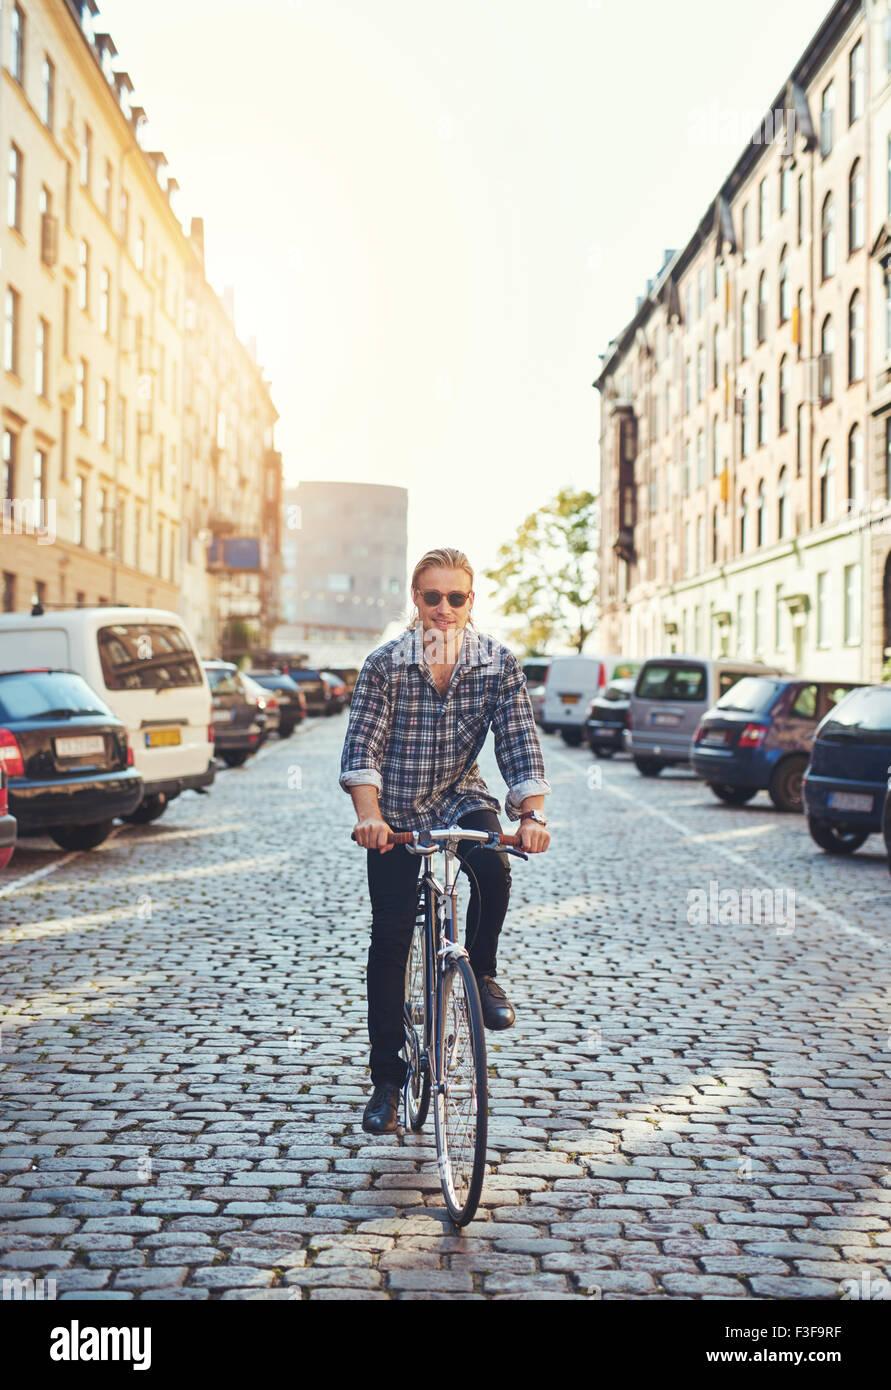 El hombre monta su bicicleta por la ciudad, sonriendo a la cámara con un aspecto atractivo Imagen De Stock